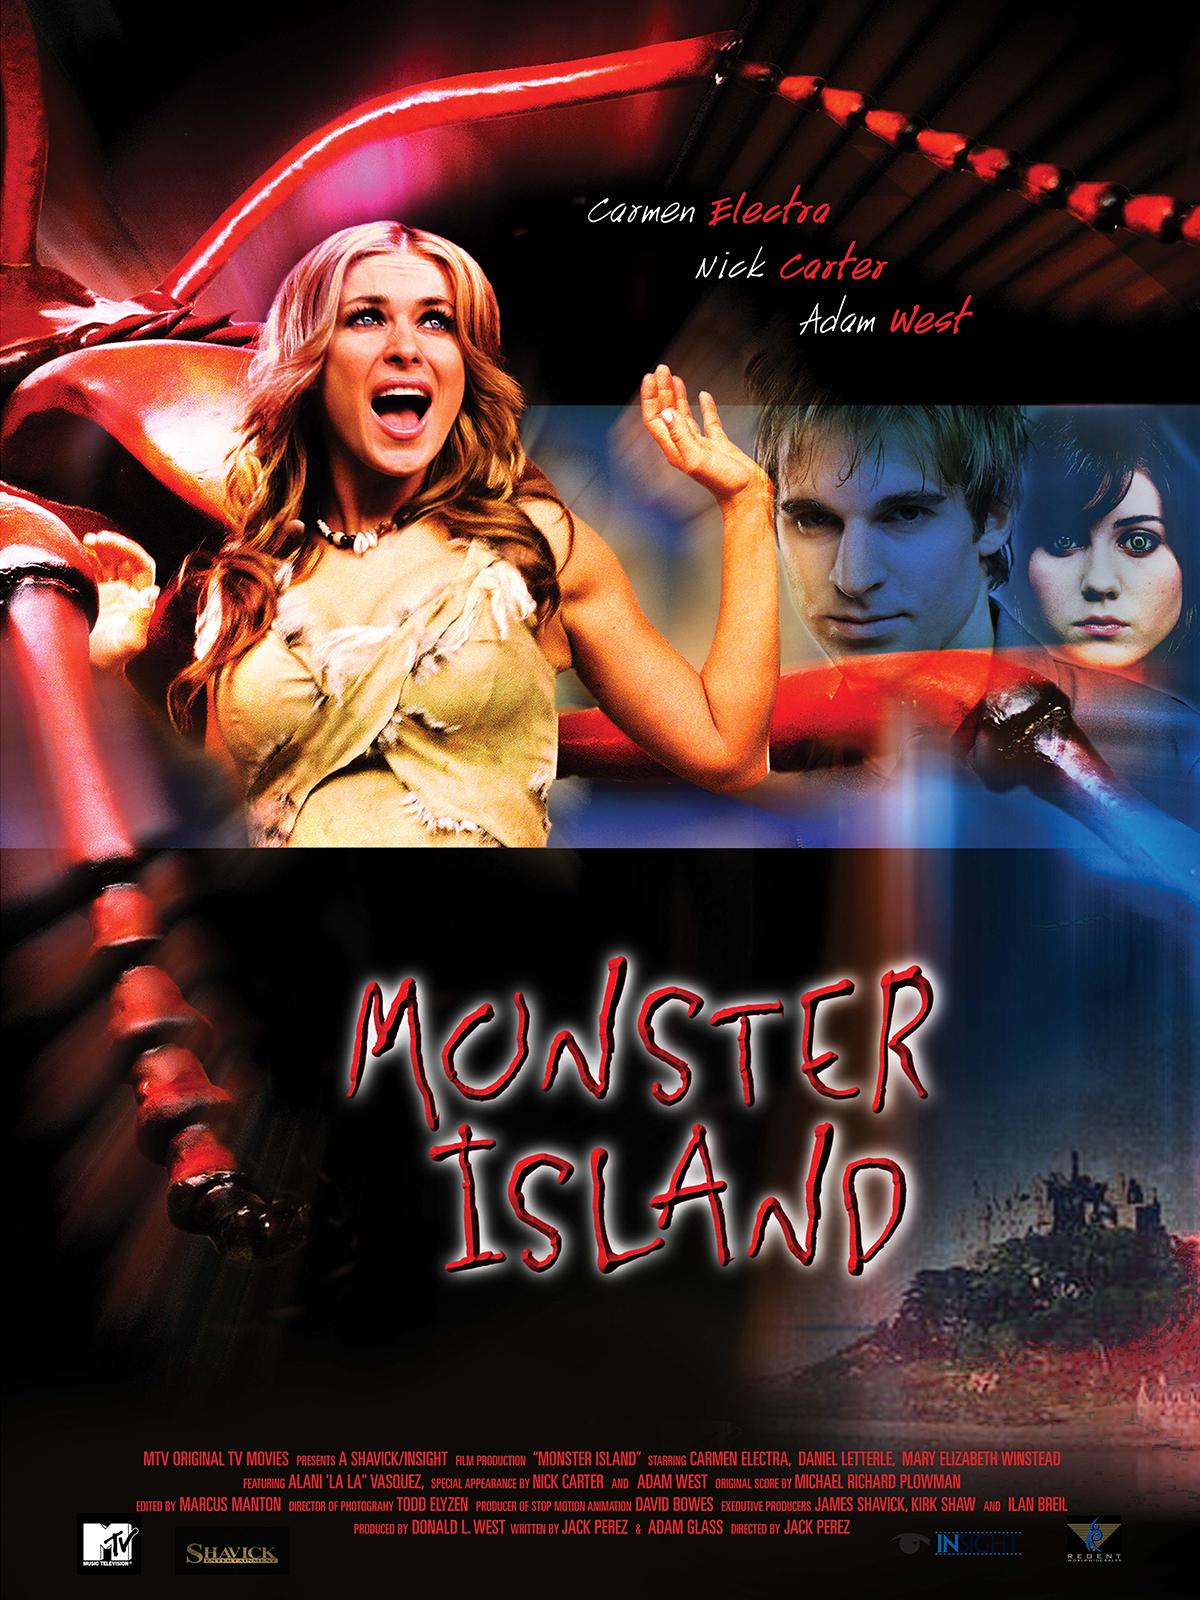 Here-MonsterIsland-Full-Image-en-US.jpg